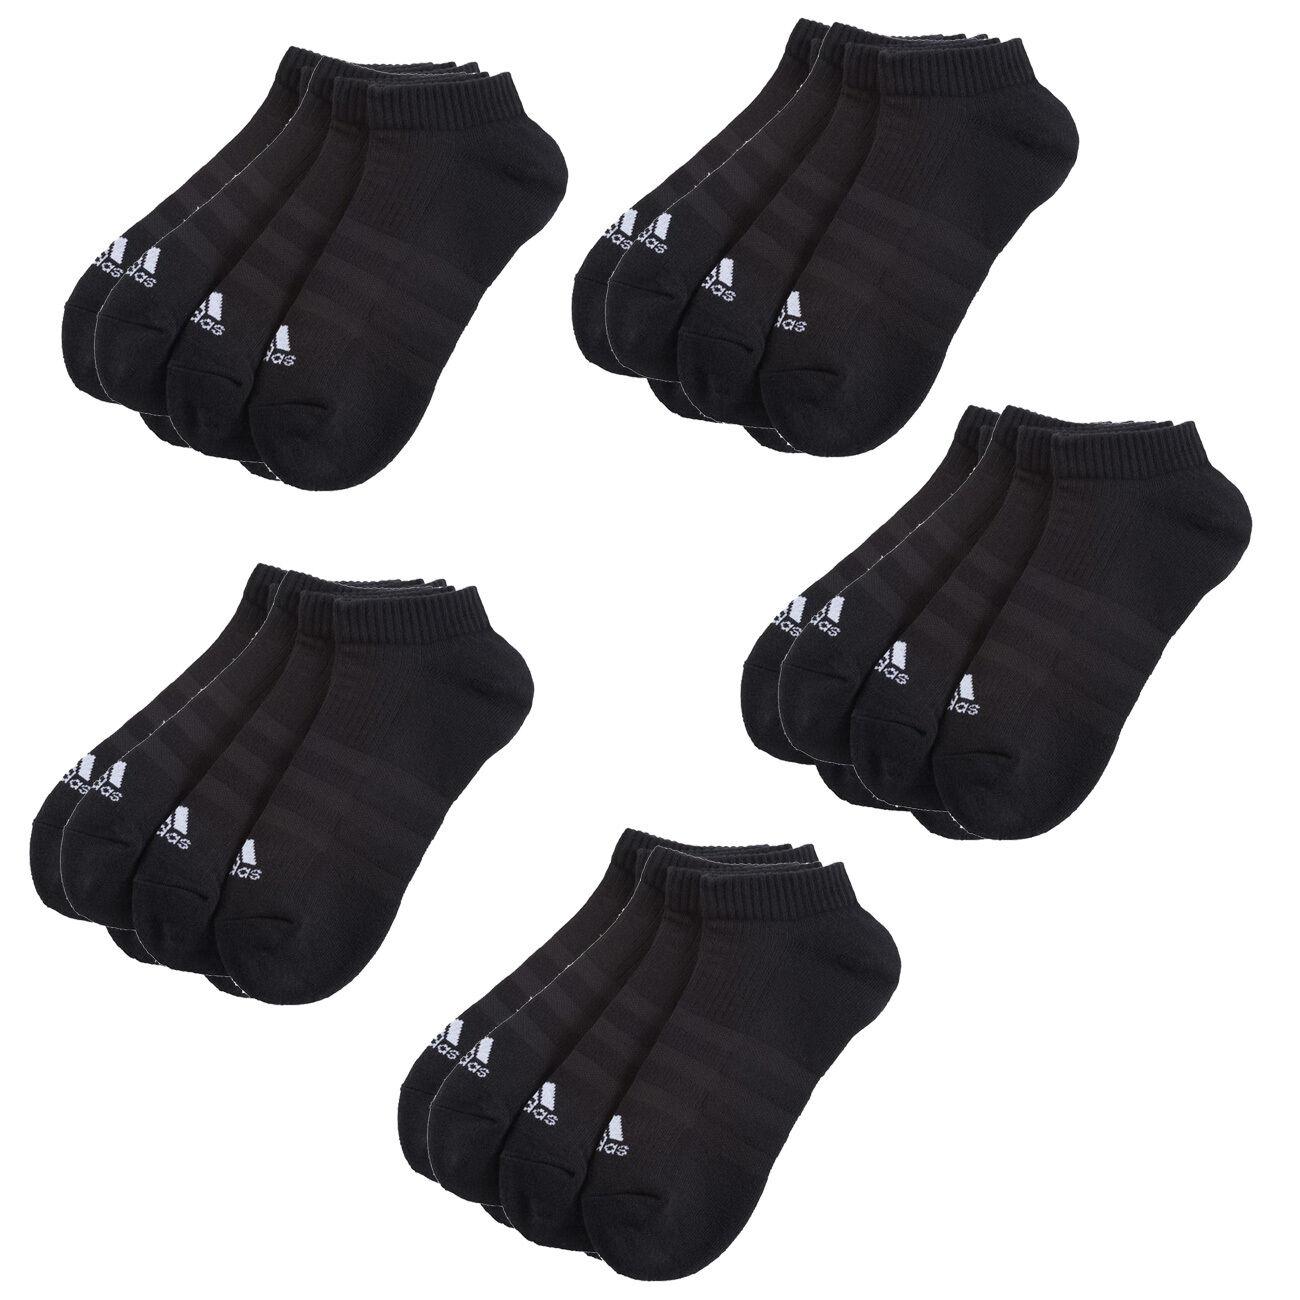 15 Paar ADIDAS NoShow Turnschuhe Socken schwarz 39-46 15er Pack Füßlinge Low Cut